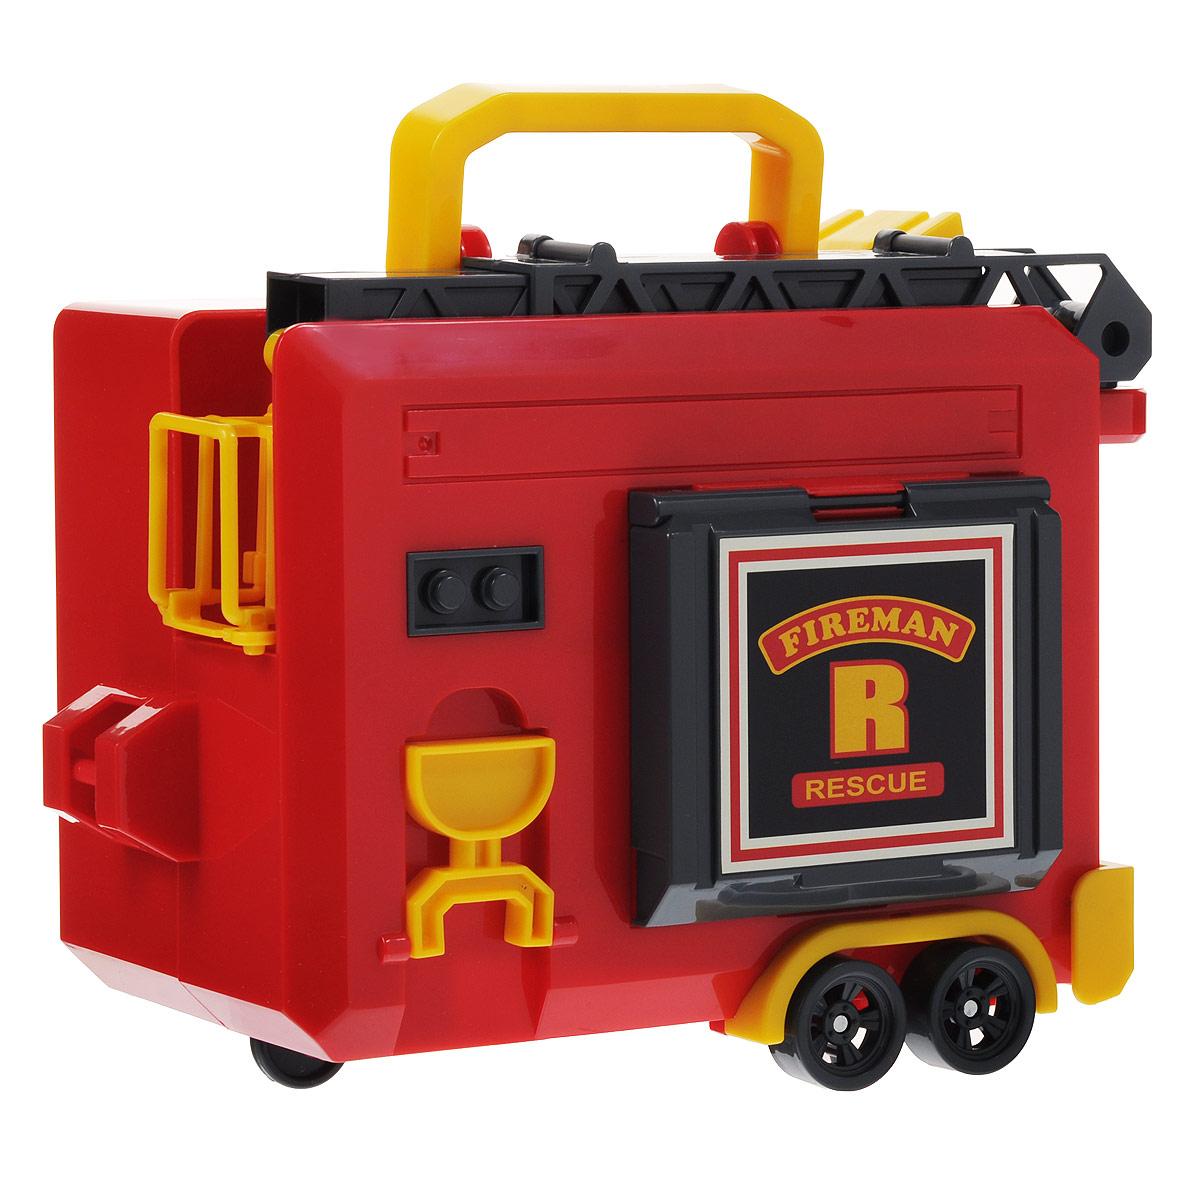 Robocar Poli Игрушка-кейс для трансформера Роя цвет красный желтый83077Игрушка-кейс для трансформера Роя непременно понравится вашему малышу. Он выполнен из прочного пластика красного и желтого цветов в виде фургончика на колесиках. Задняя стенка опускается, обеспечивая машинке удобный заезд внутри кейса. Фургончик снабжен выдвигающейся лестницей-вышкой, отсеком для хранения инструментов и опускающимися опорами. Пожарной машинке Рою в нем будет уютно. Кейс оснащен ручкой для переноски. Ваш ребенок будет в восторге от такого подарка!